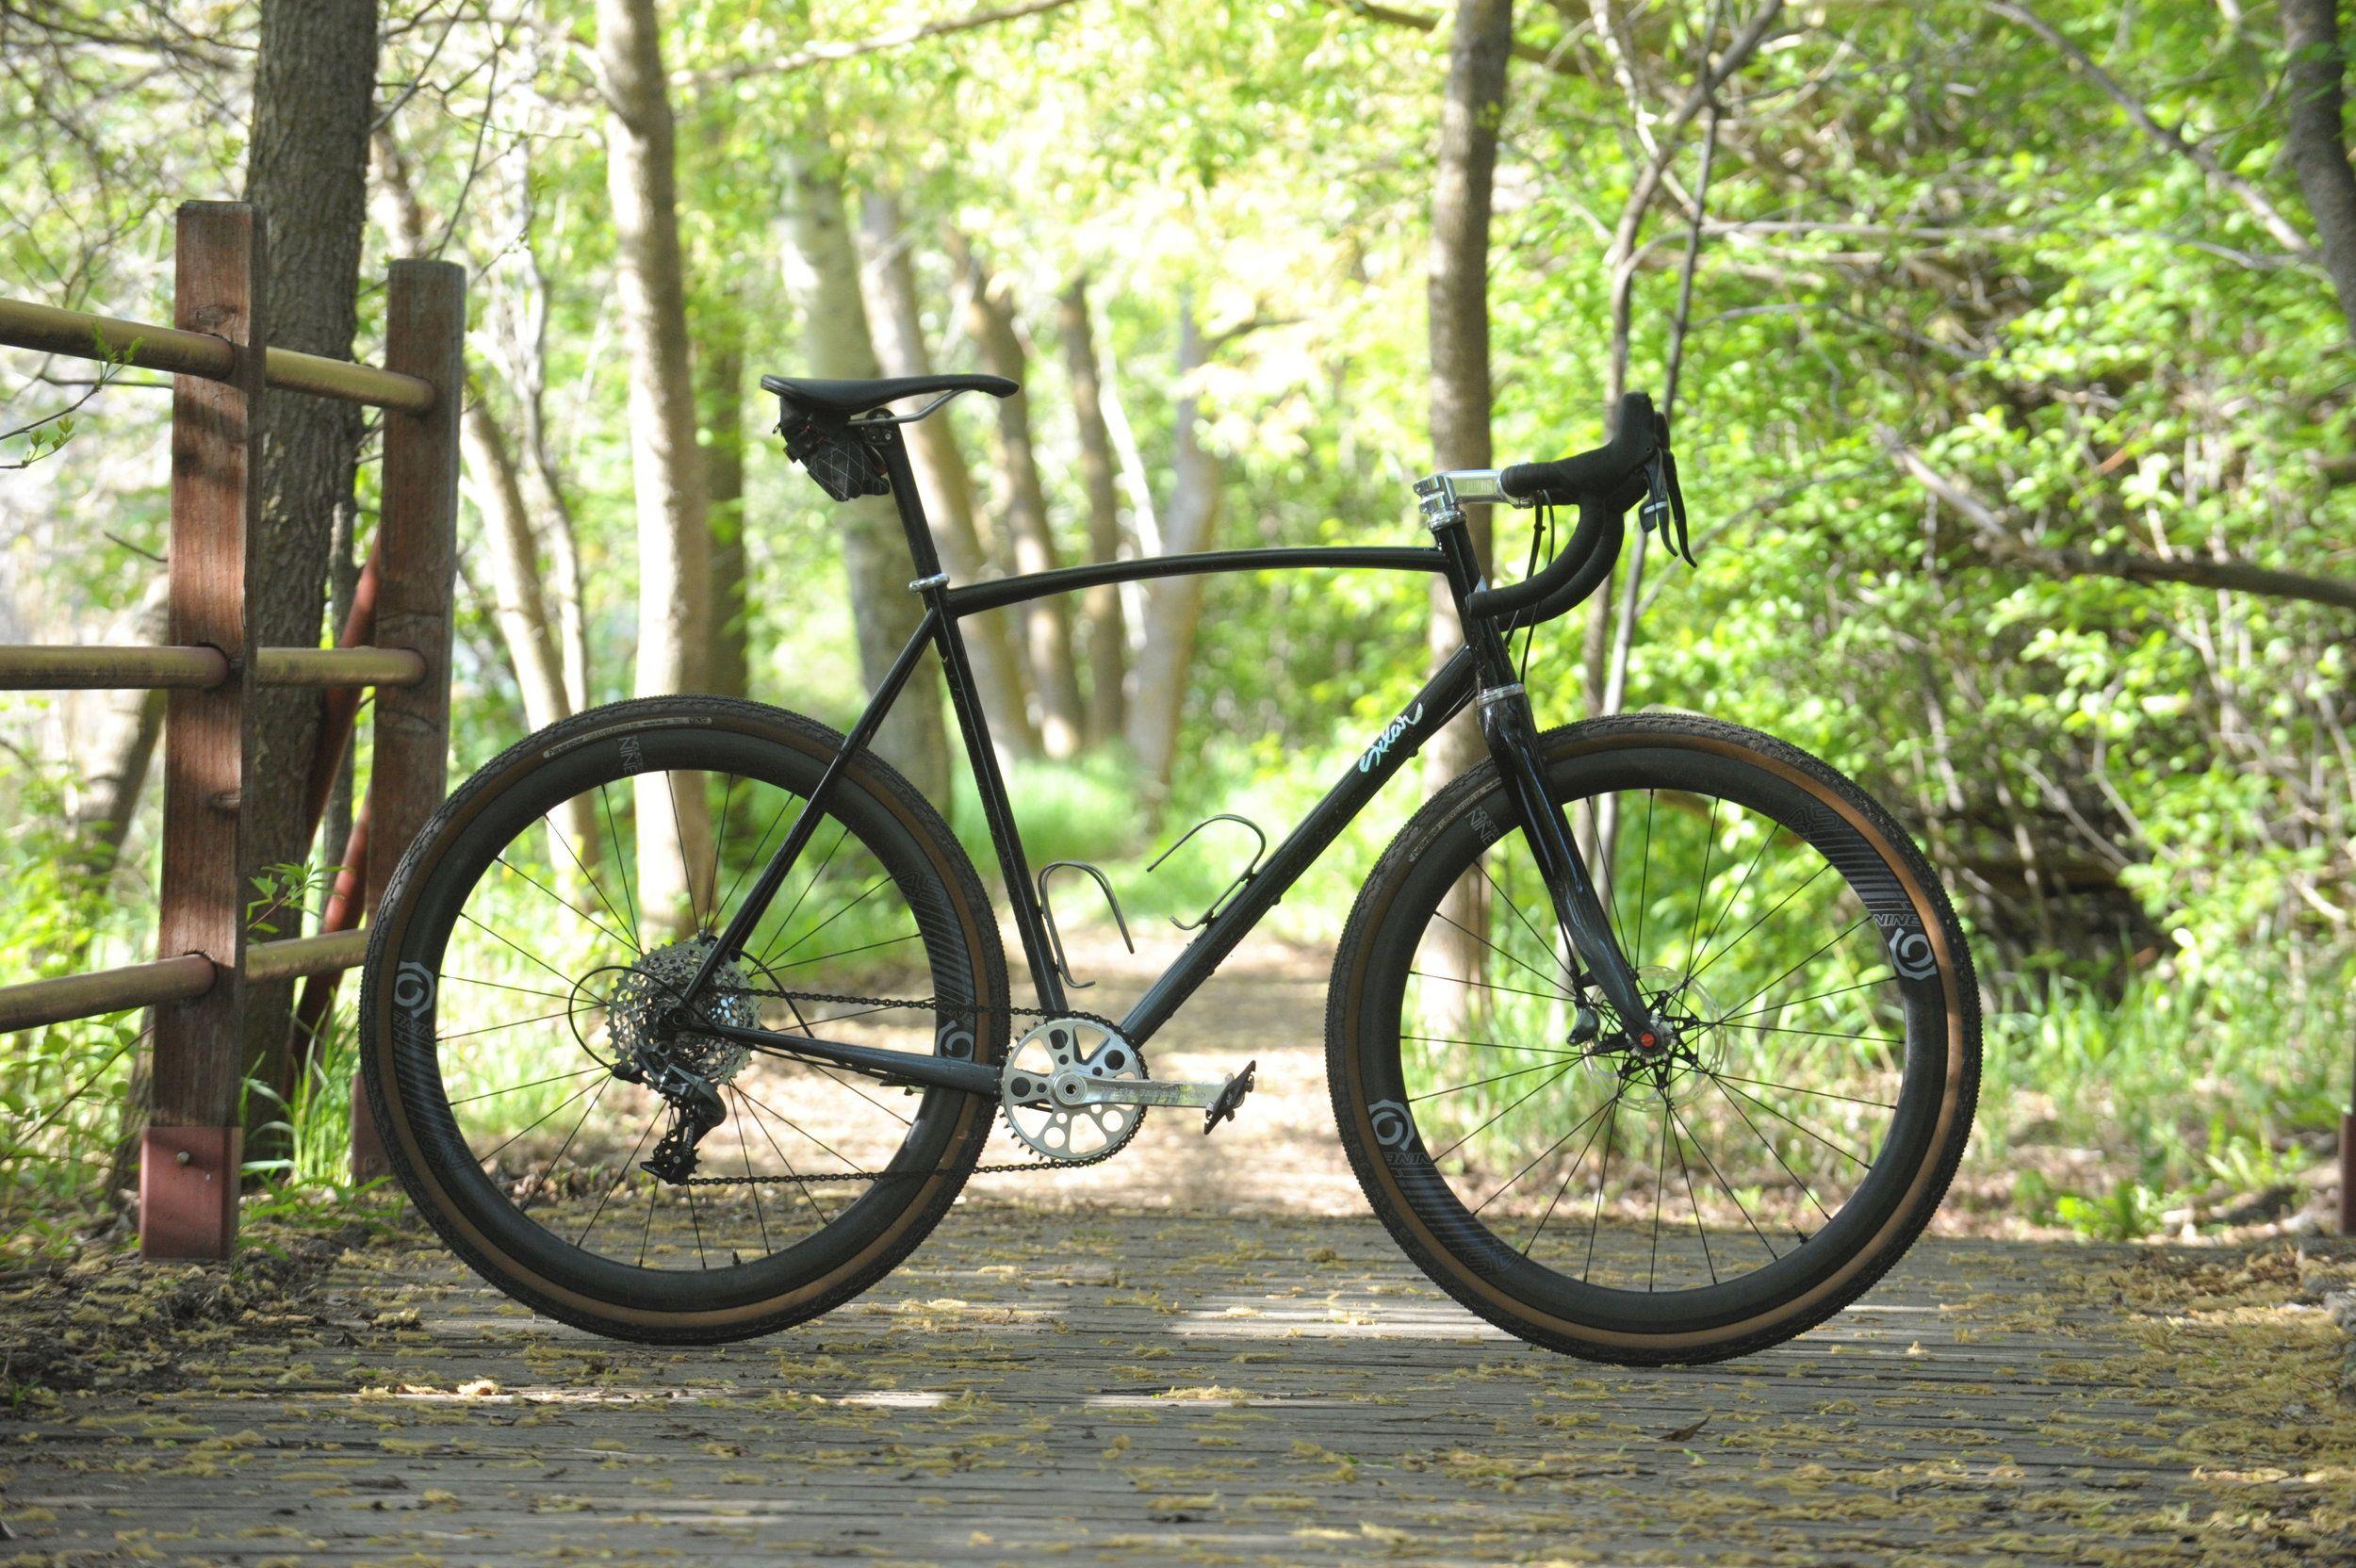 Sklar All Road Cyclocross Bike Best Road Bike Bicycle